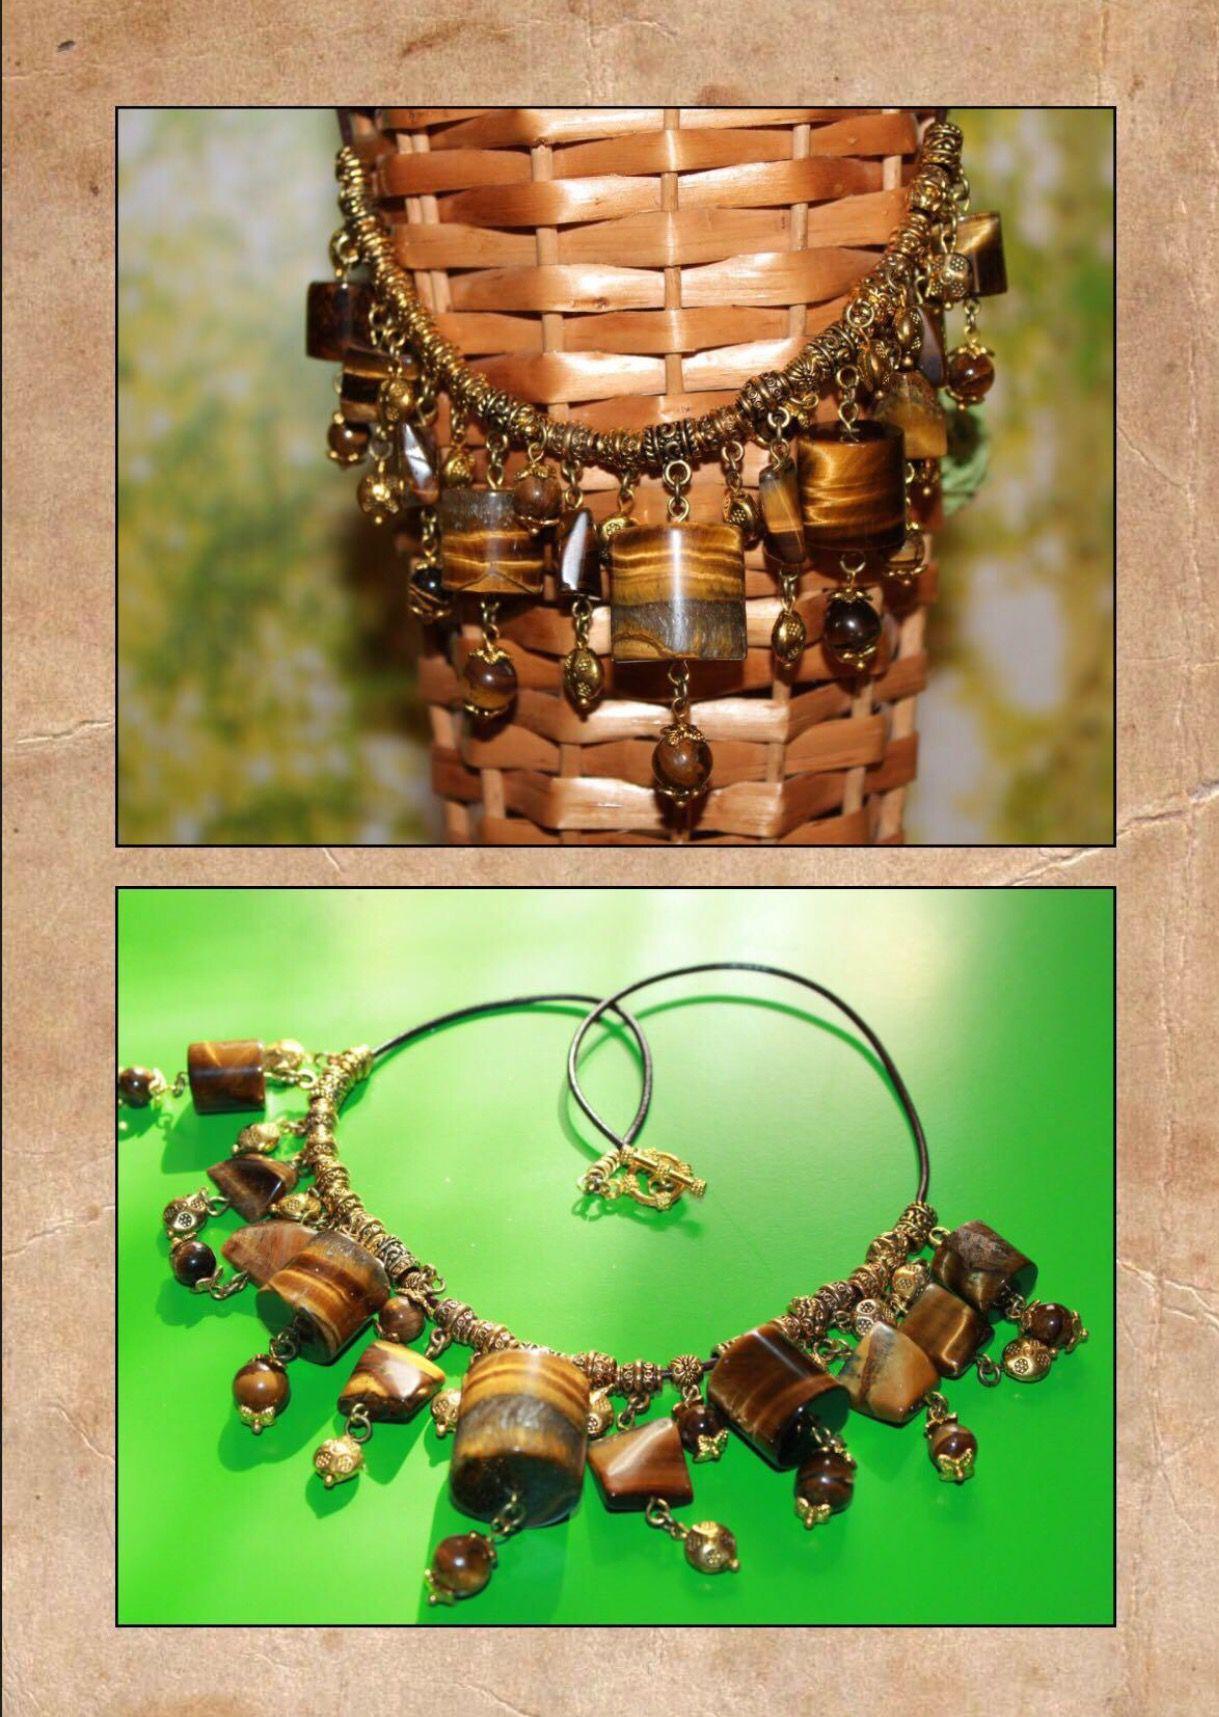 золото глаз тигровый украшения handmade ручная работа кожа натуральныекамни